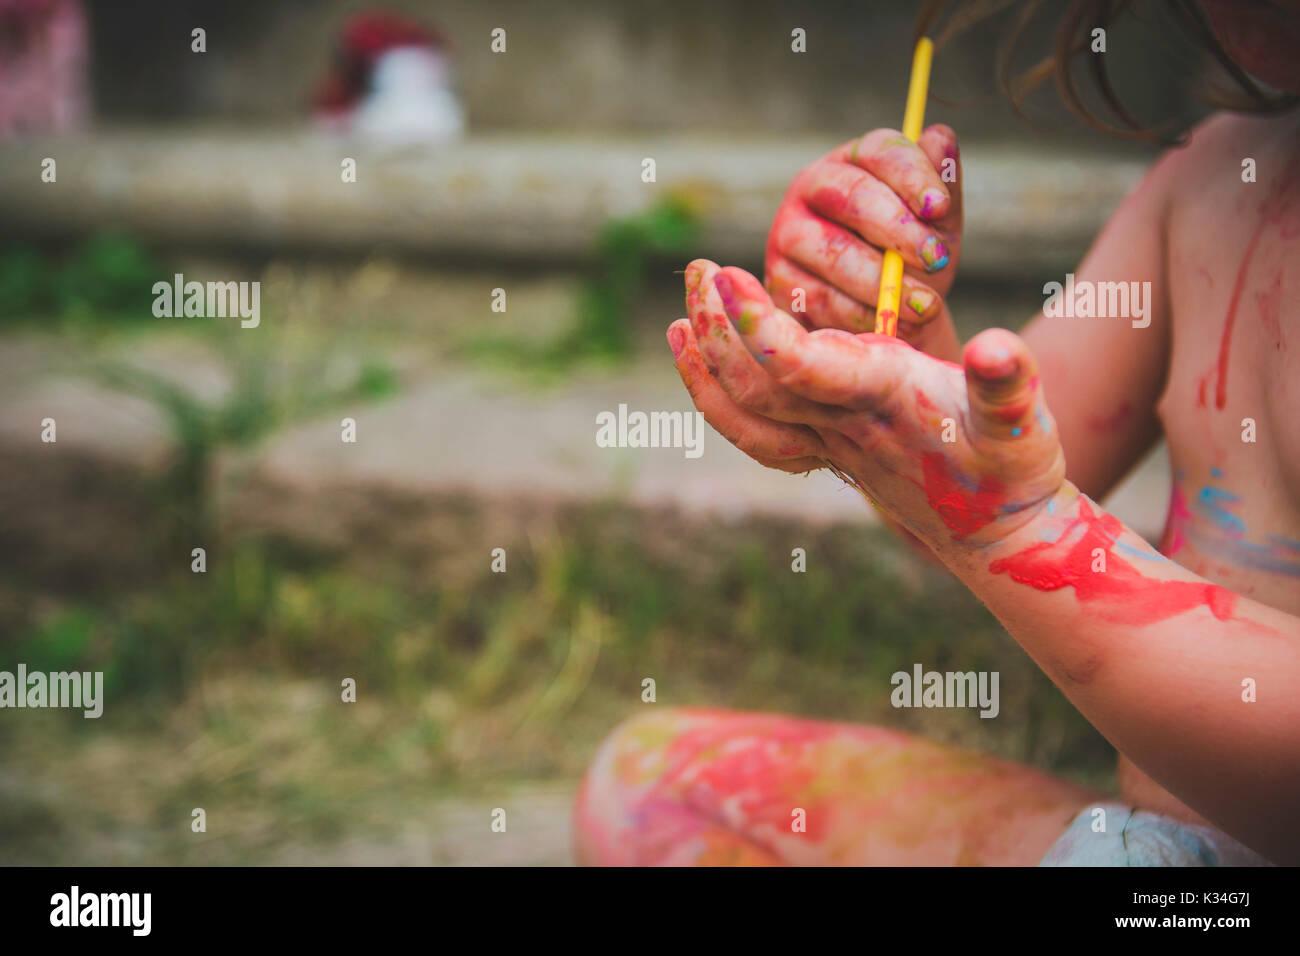 Un bambino dipinge sulla sua mano. Immagini Stock